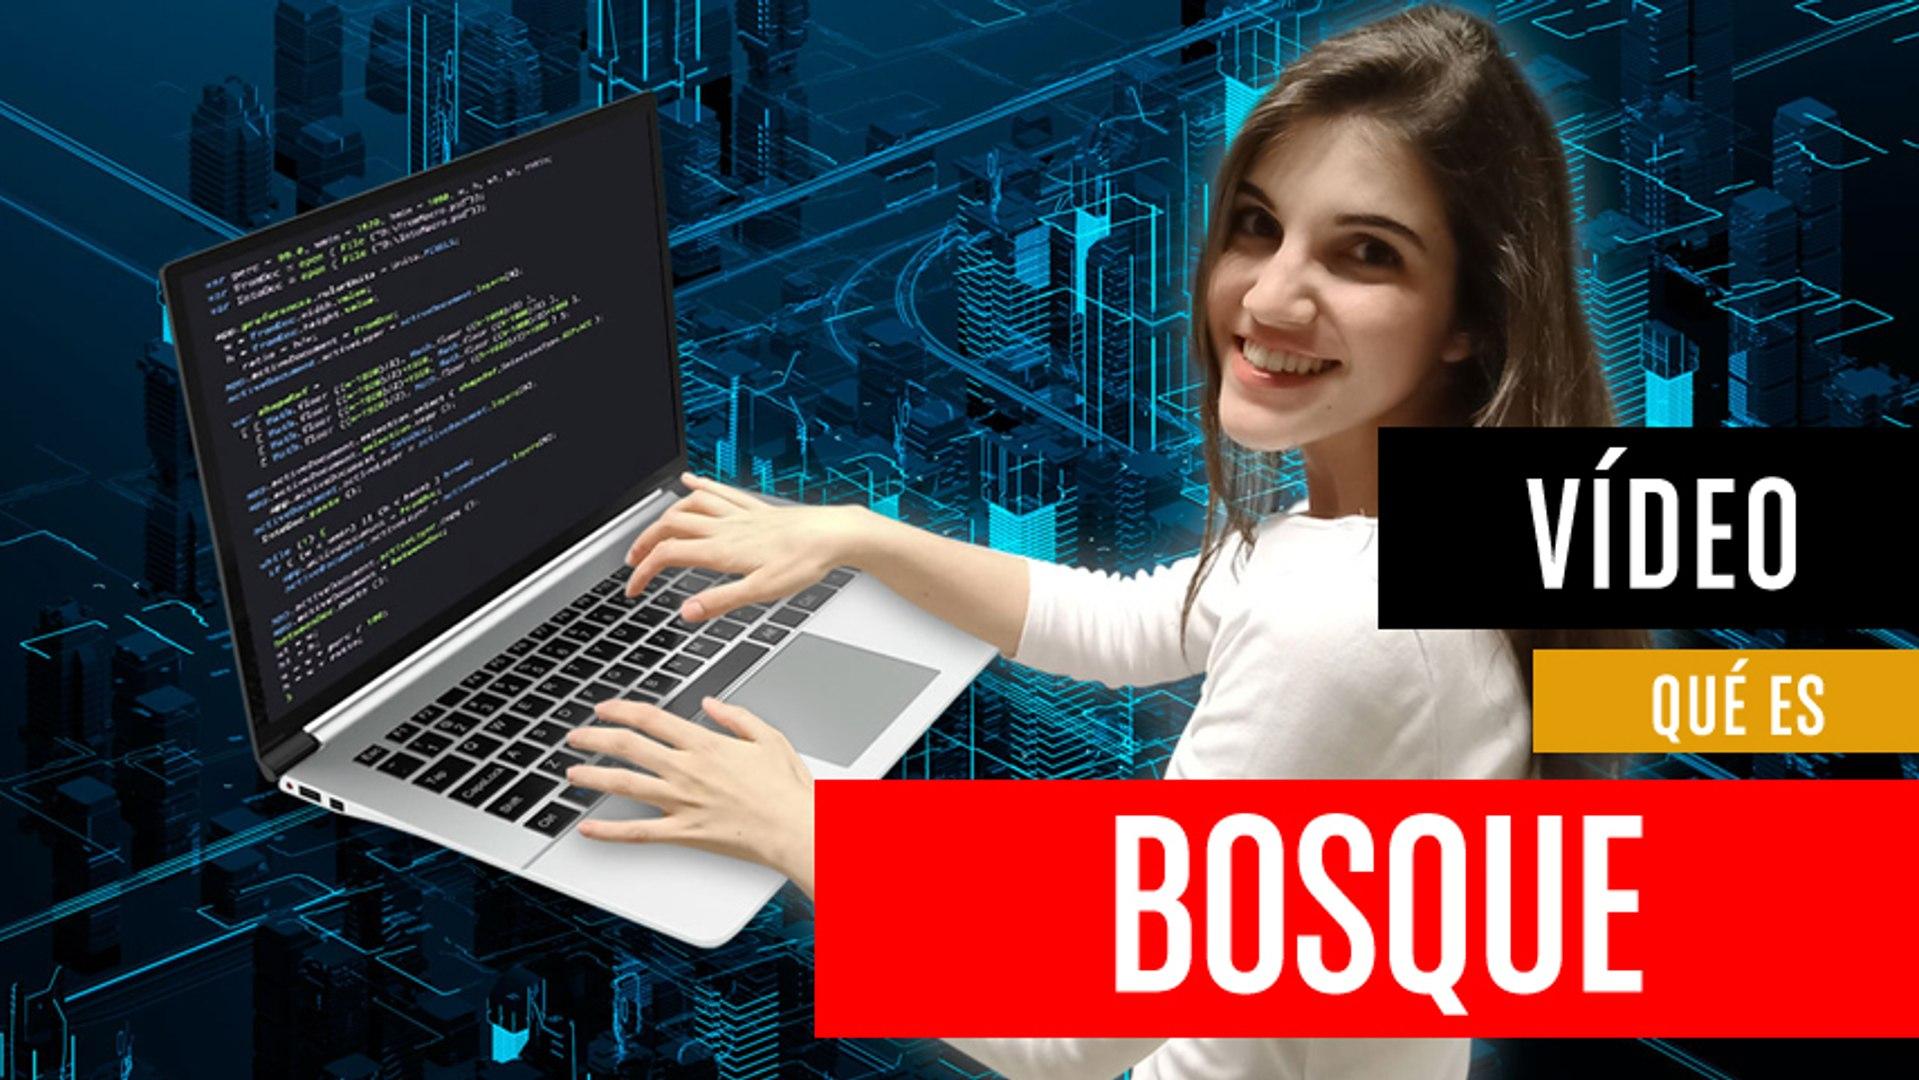 ¿Qué es Bosque?